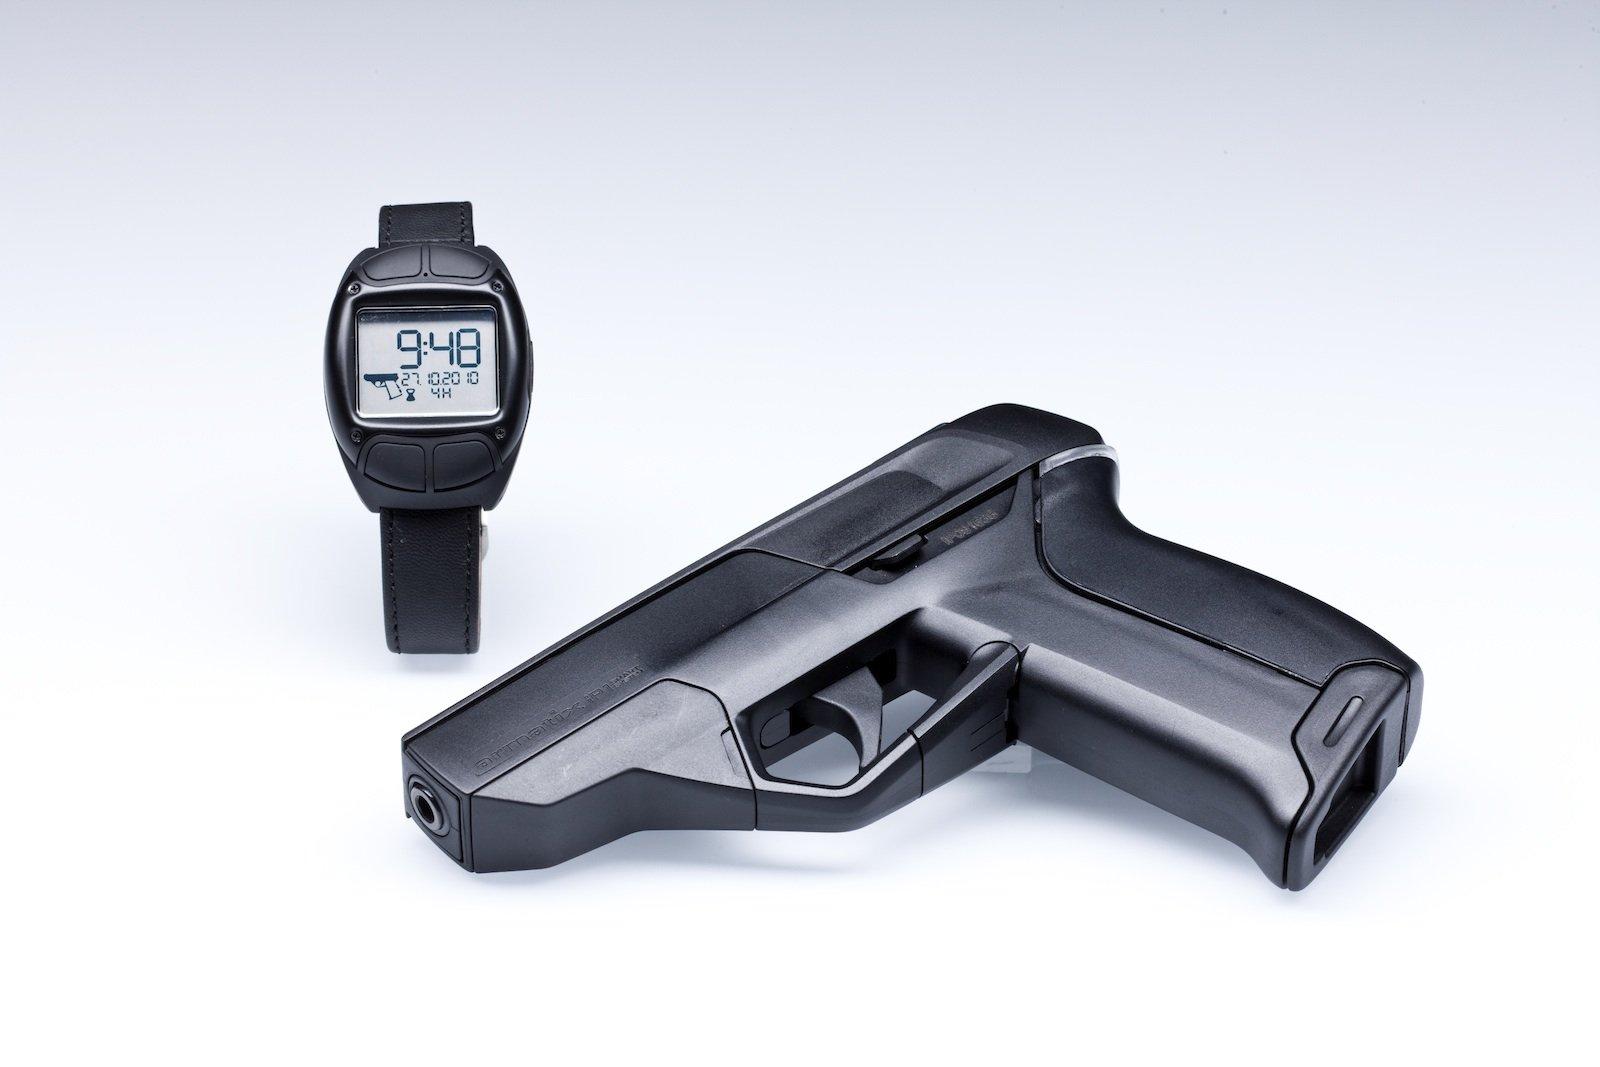 Die halbautomatische iP1 vom Münchner Hersteller Armatix funktioniert nur gemeinsam mit einer RFID-Armbanduhr, die nach Eingabe eines Codes ein Signal an die Pistole sendet und diese entsperrt.